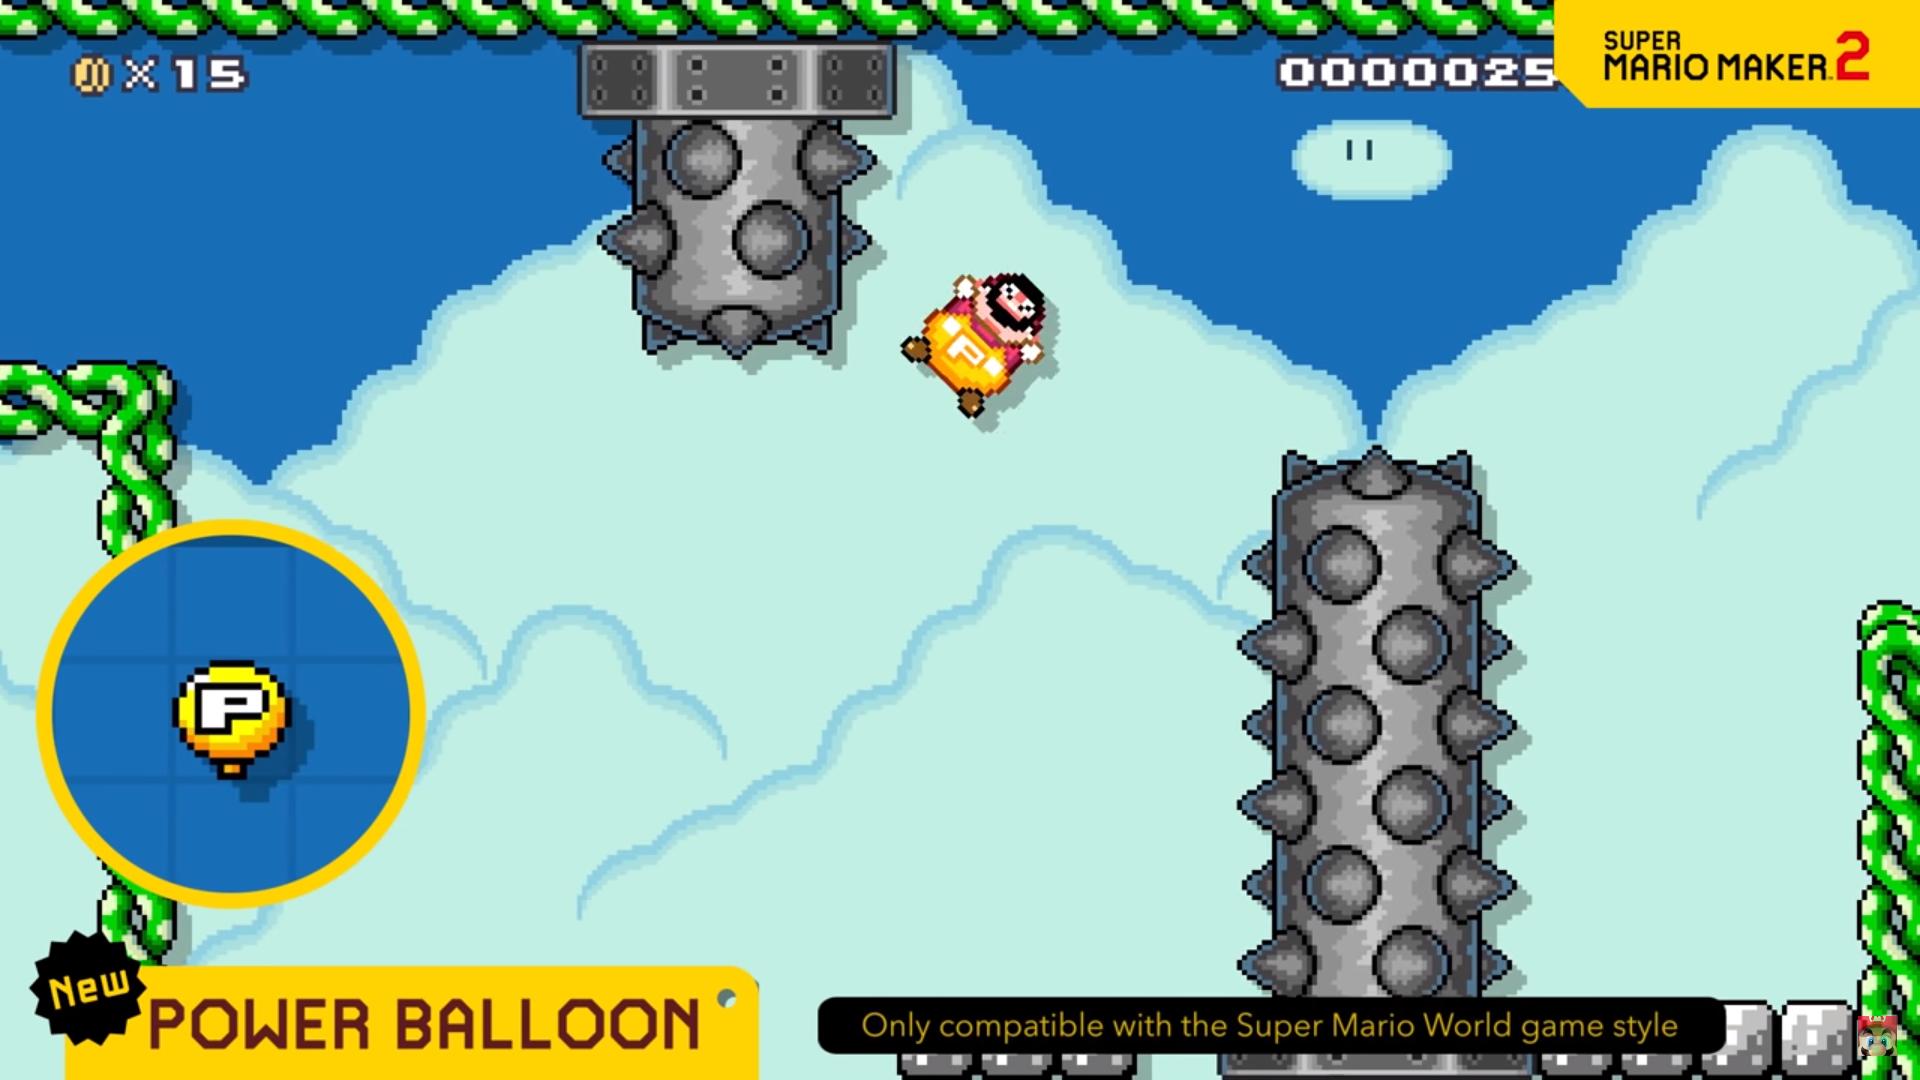 Power Balloon Super Mario Maker 2